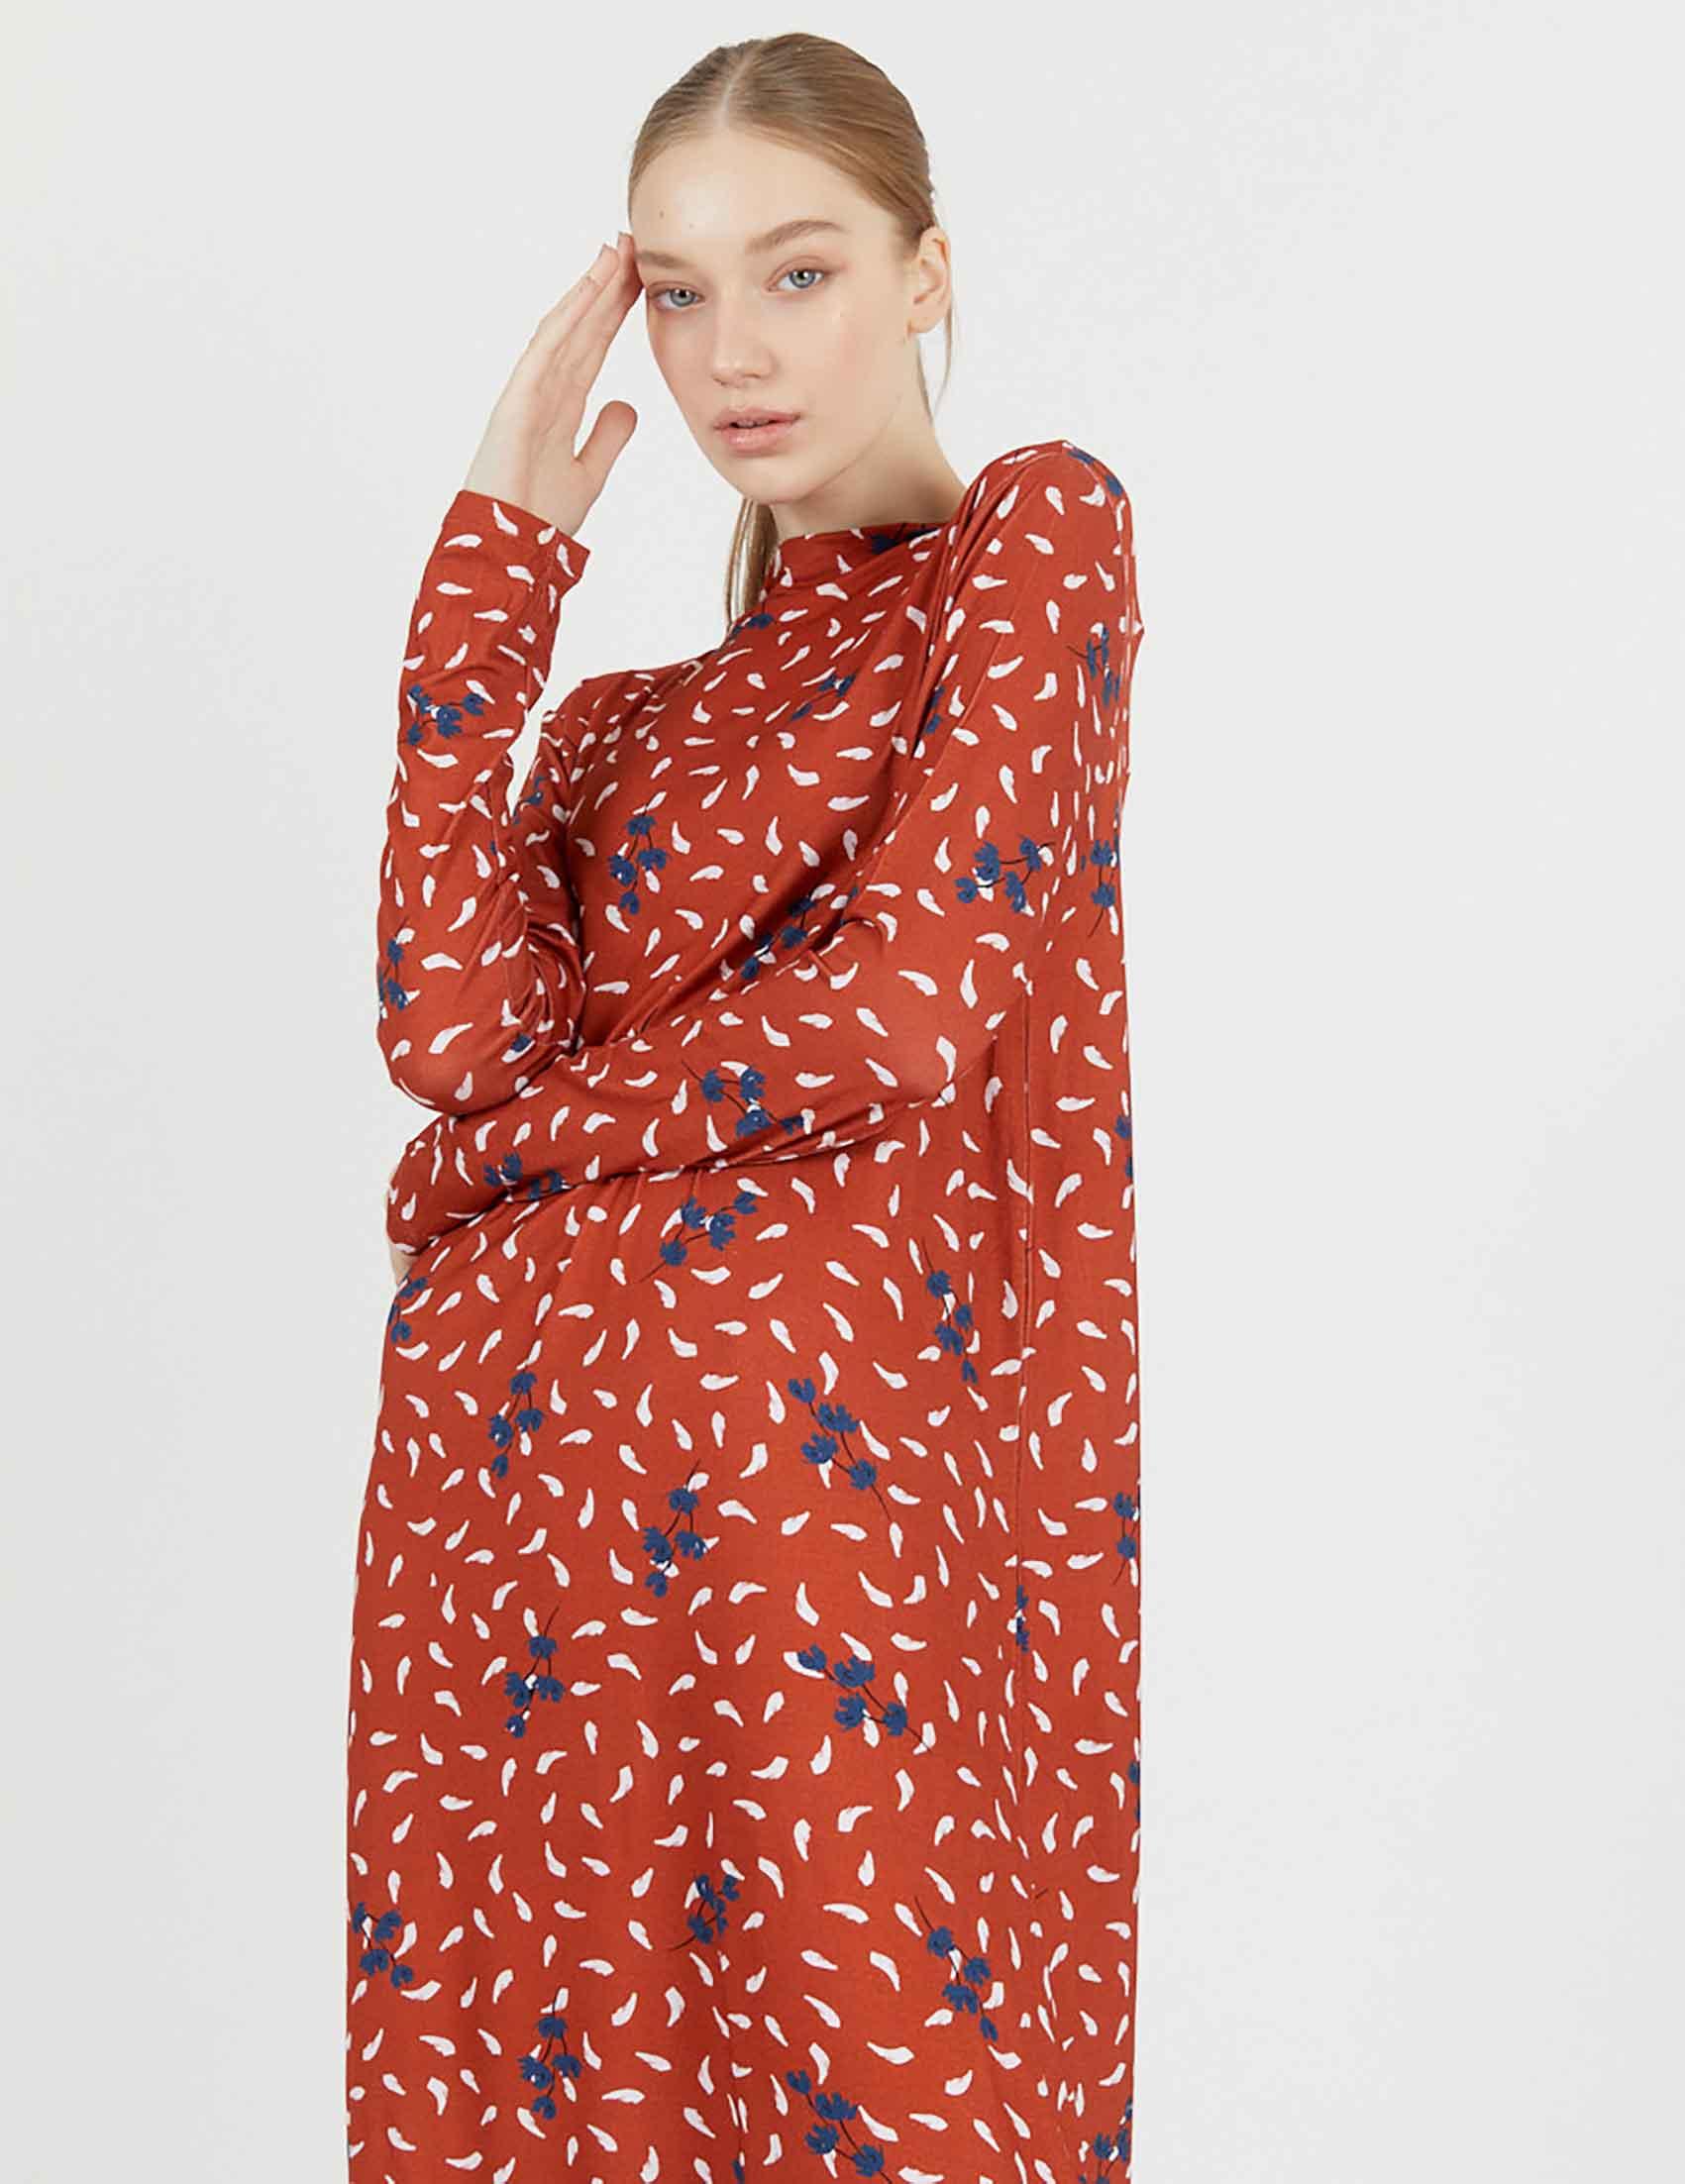 שמלת-מקסי-חדשות-אופנה